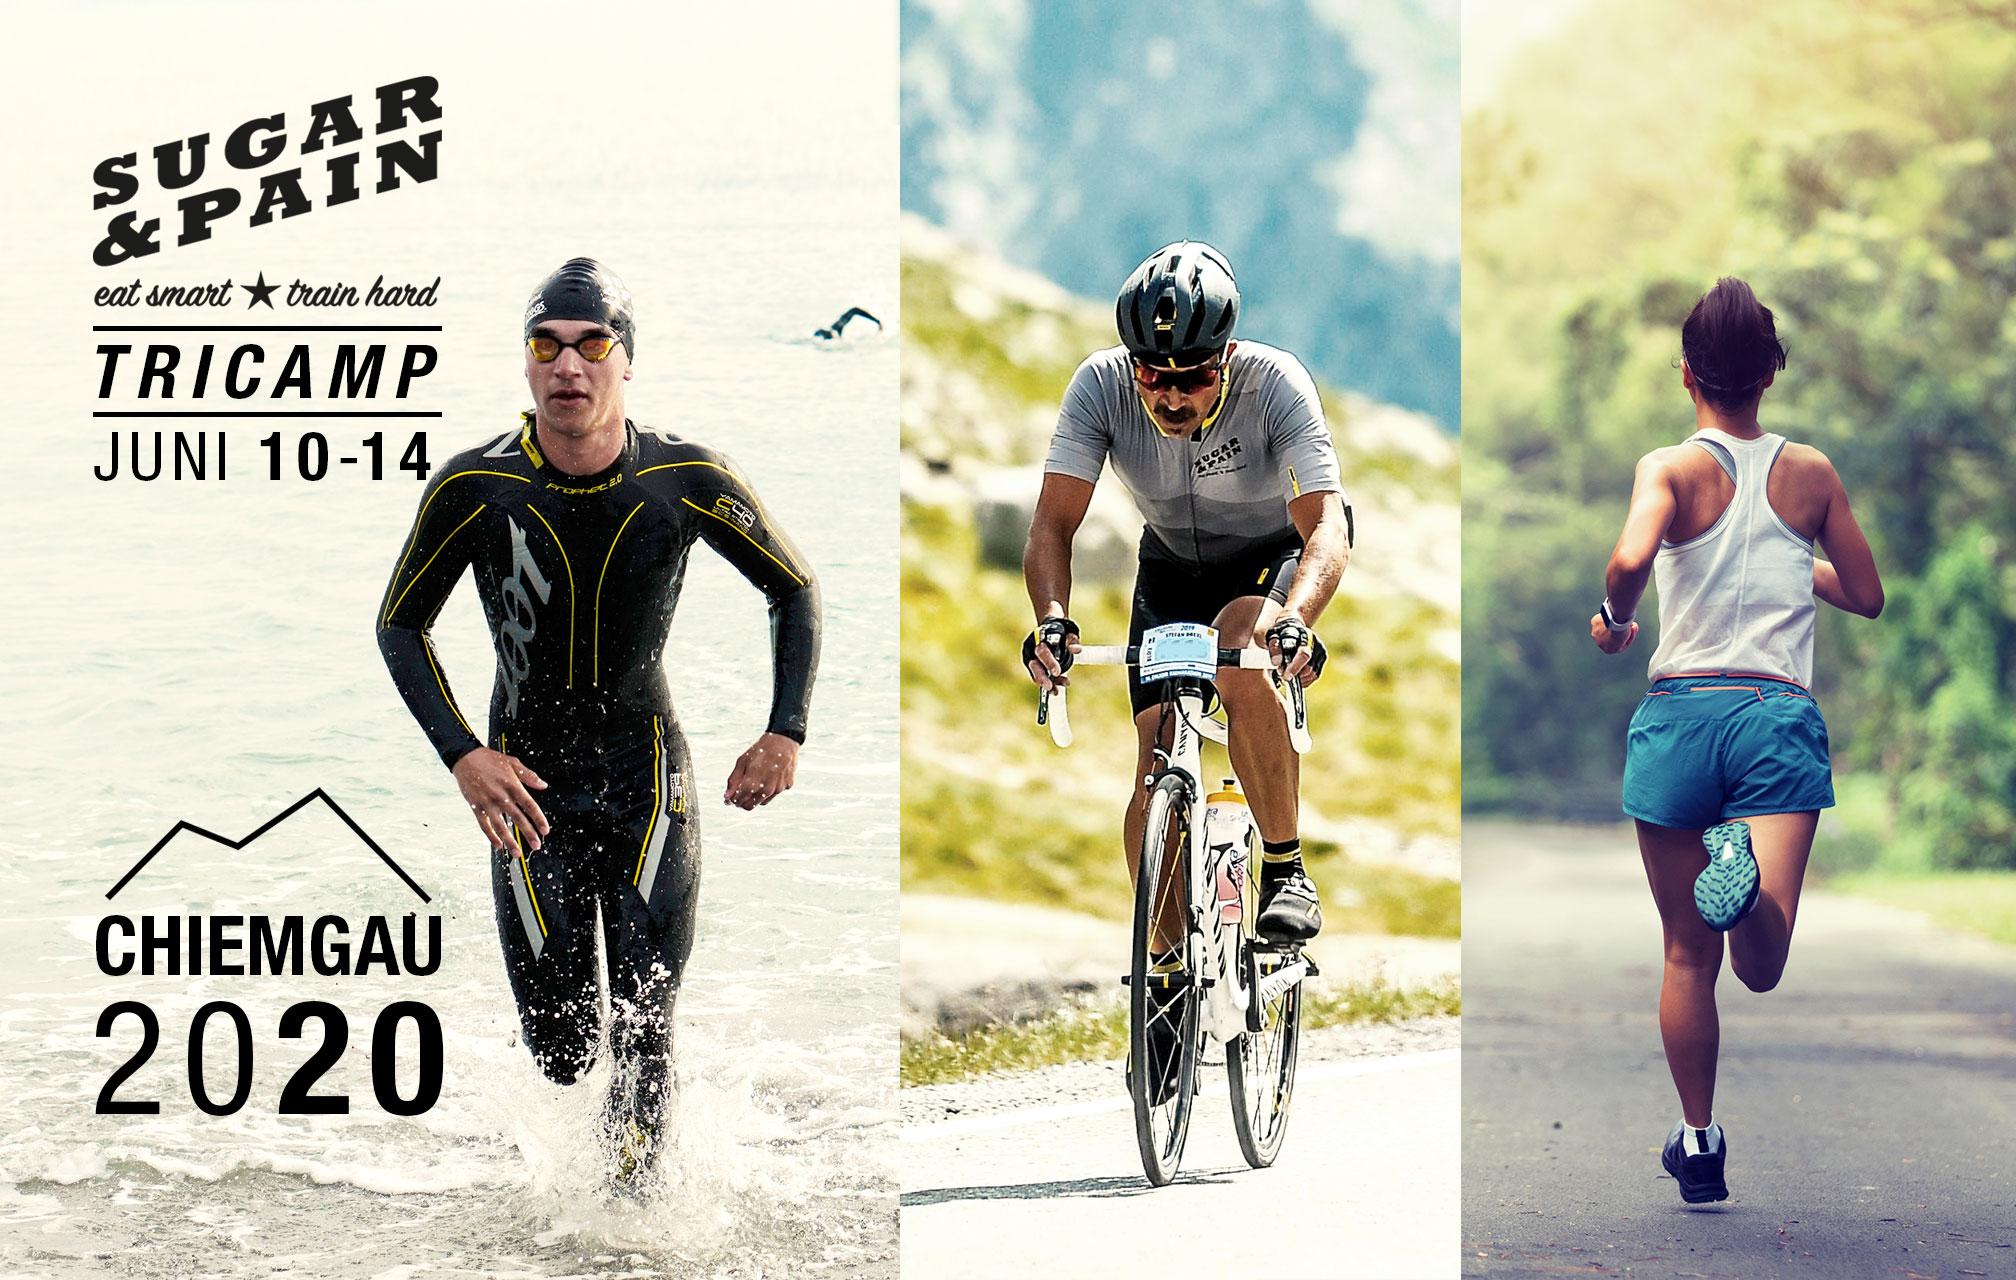 SUGAR & PAIN TRI CAMP #CH20 – Das Triathlon Trainingslager Chiemgau 2020